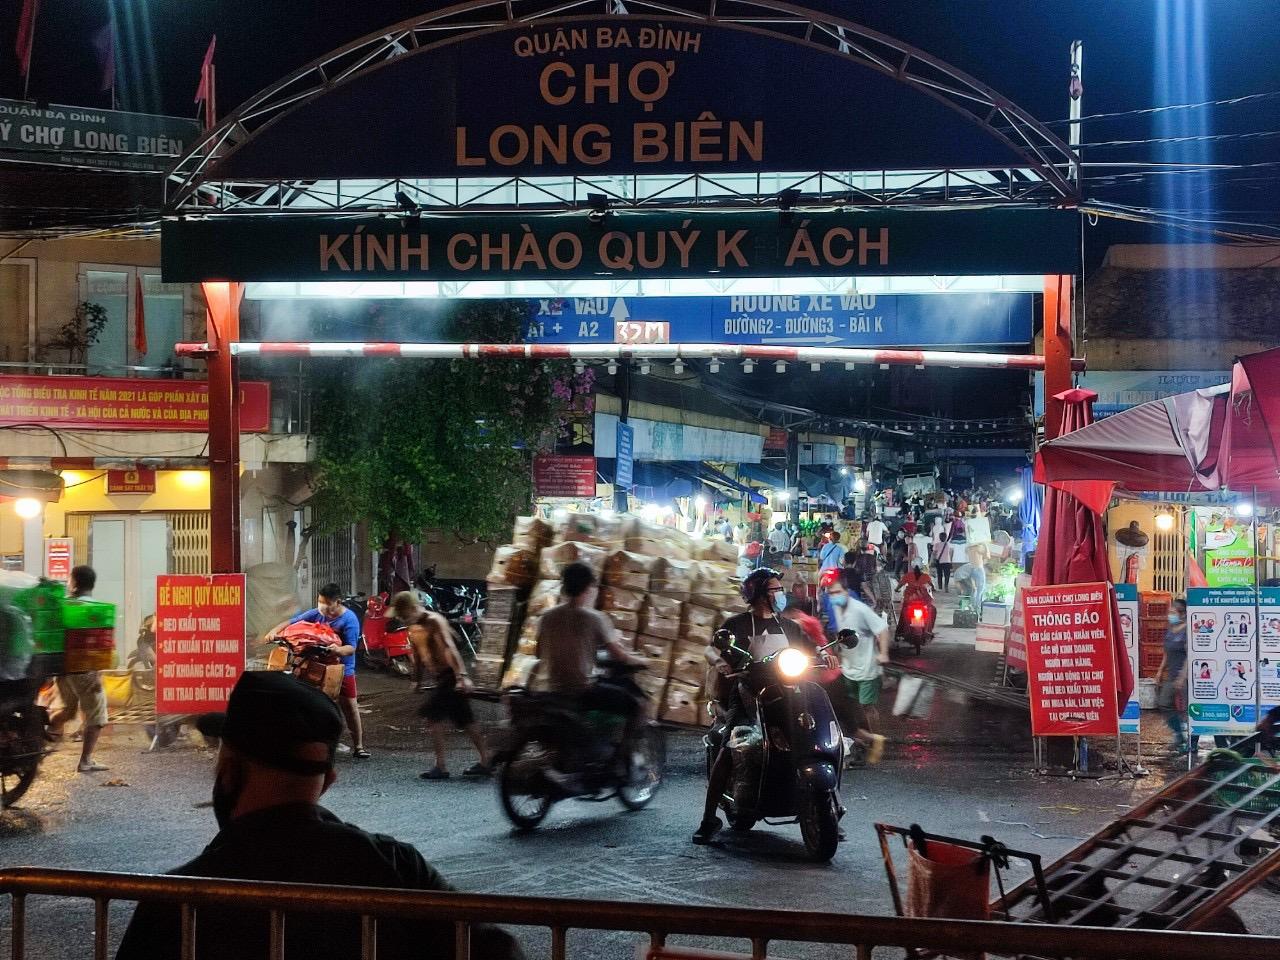 Chợ Long Biên vẫn hoạt động bình thường vào đêm 1/8.